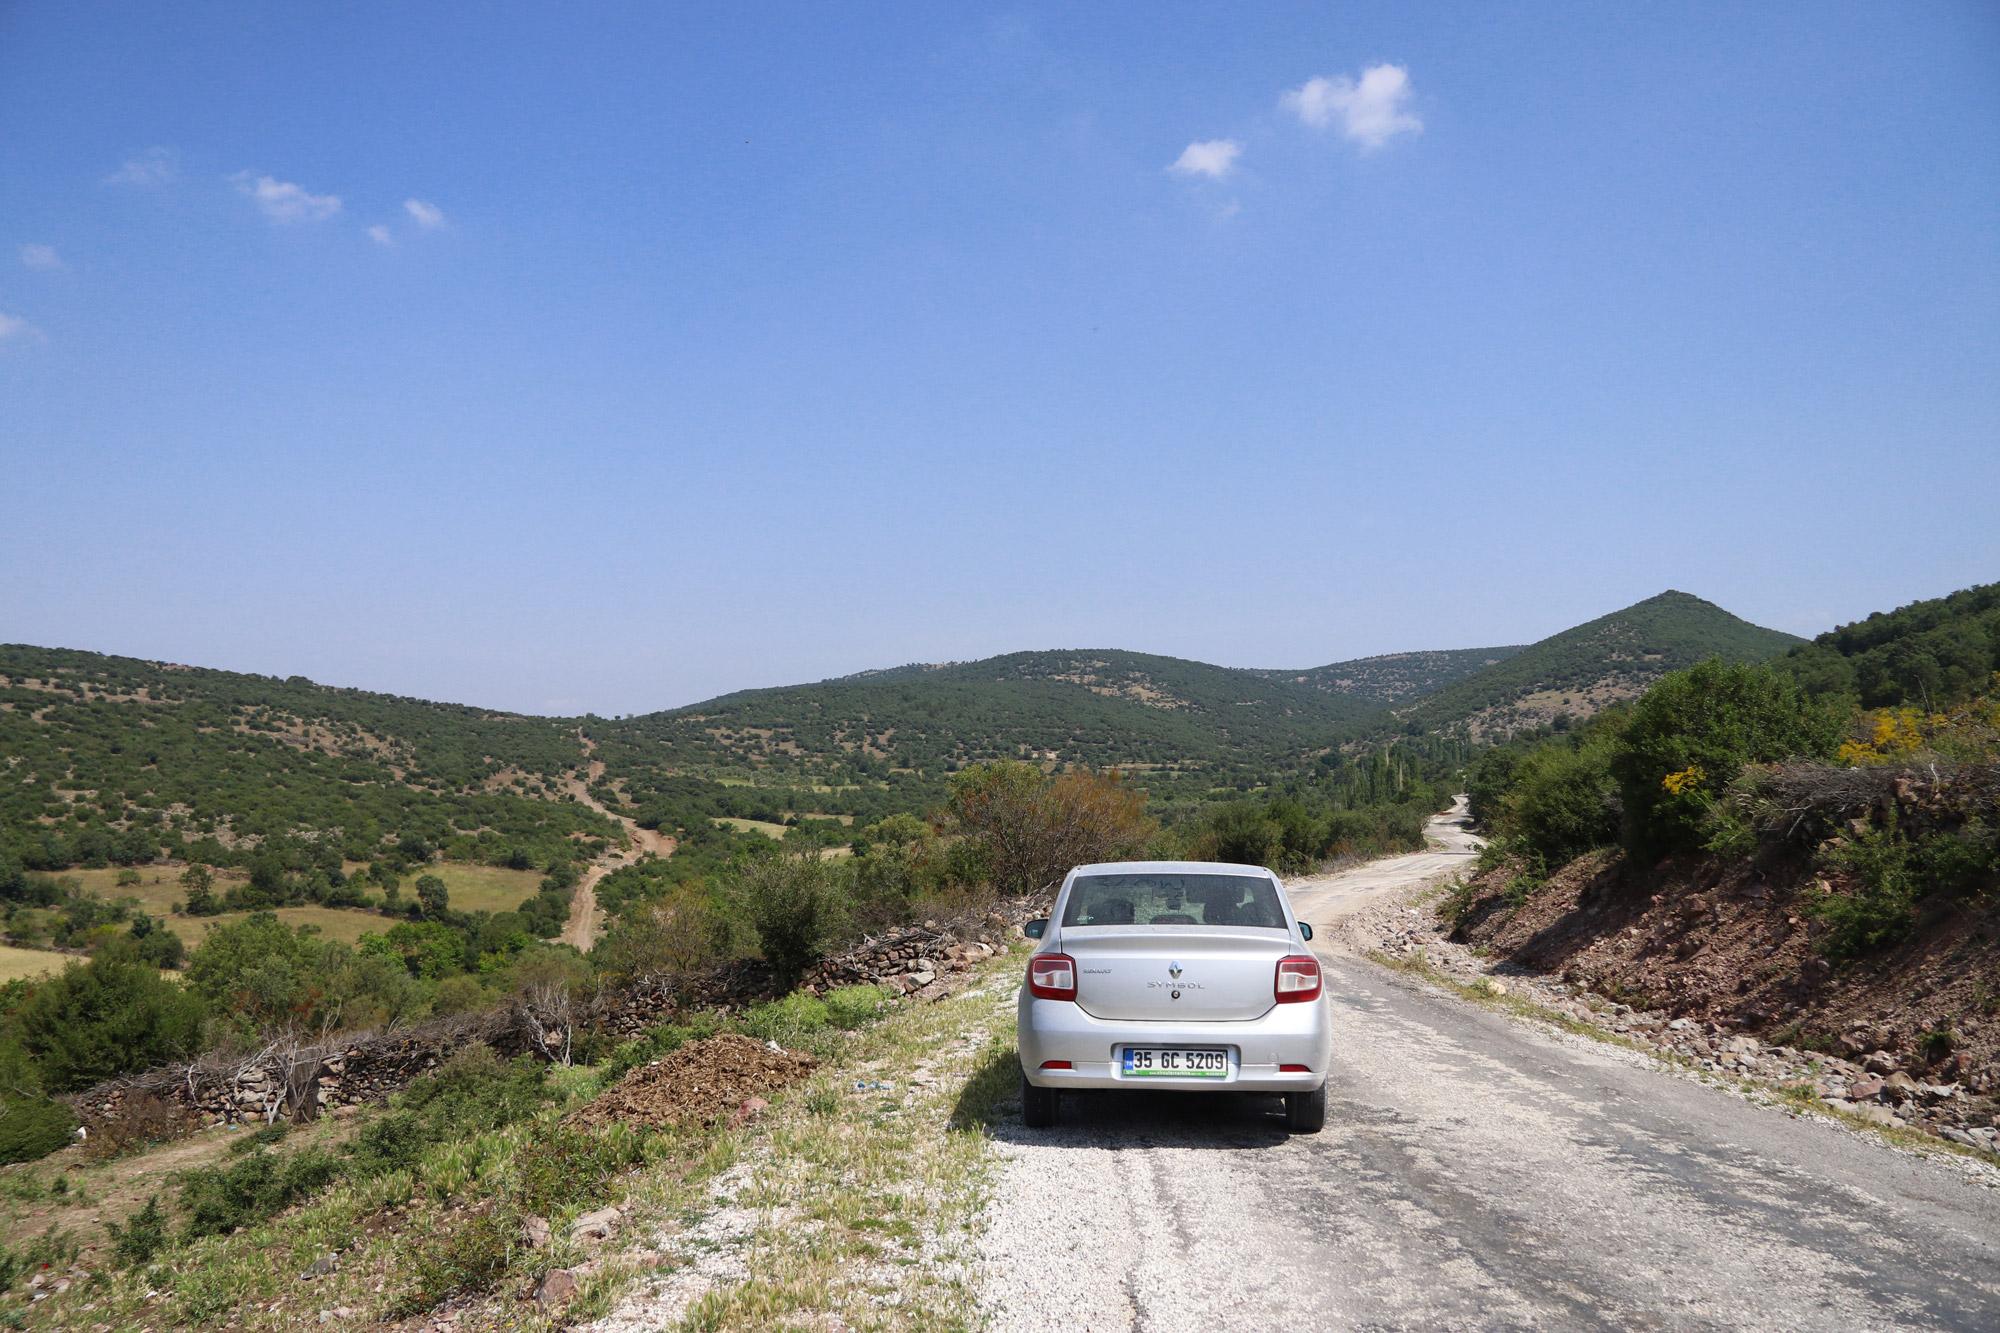 Turkije reisverslag: Bergama en Ayvalik - Verdwaald in het bergachtige landschap